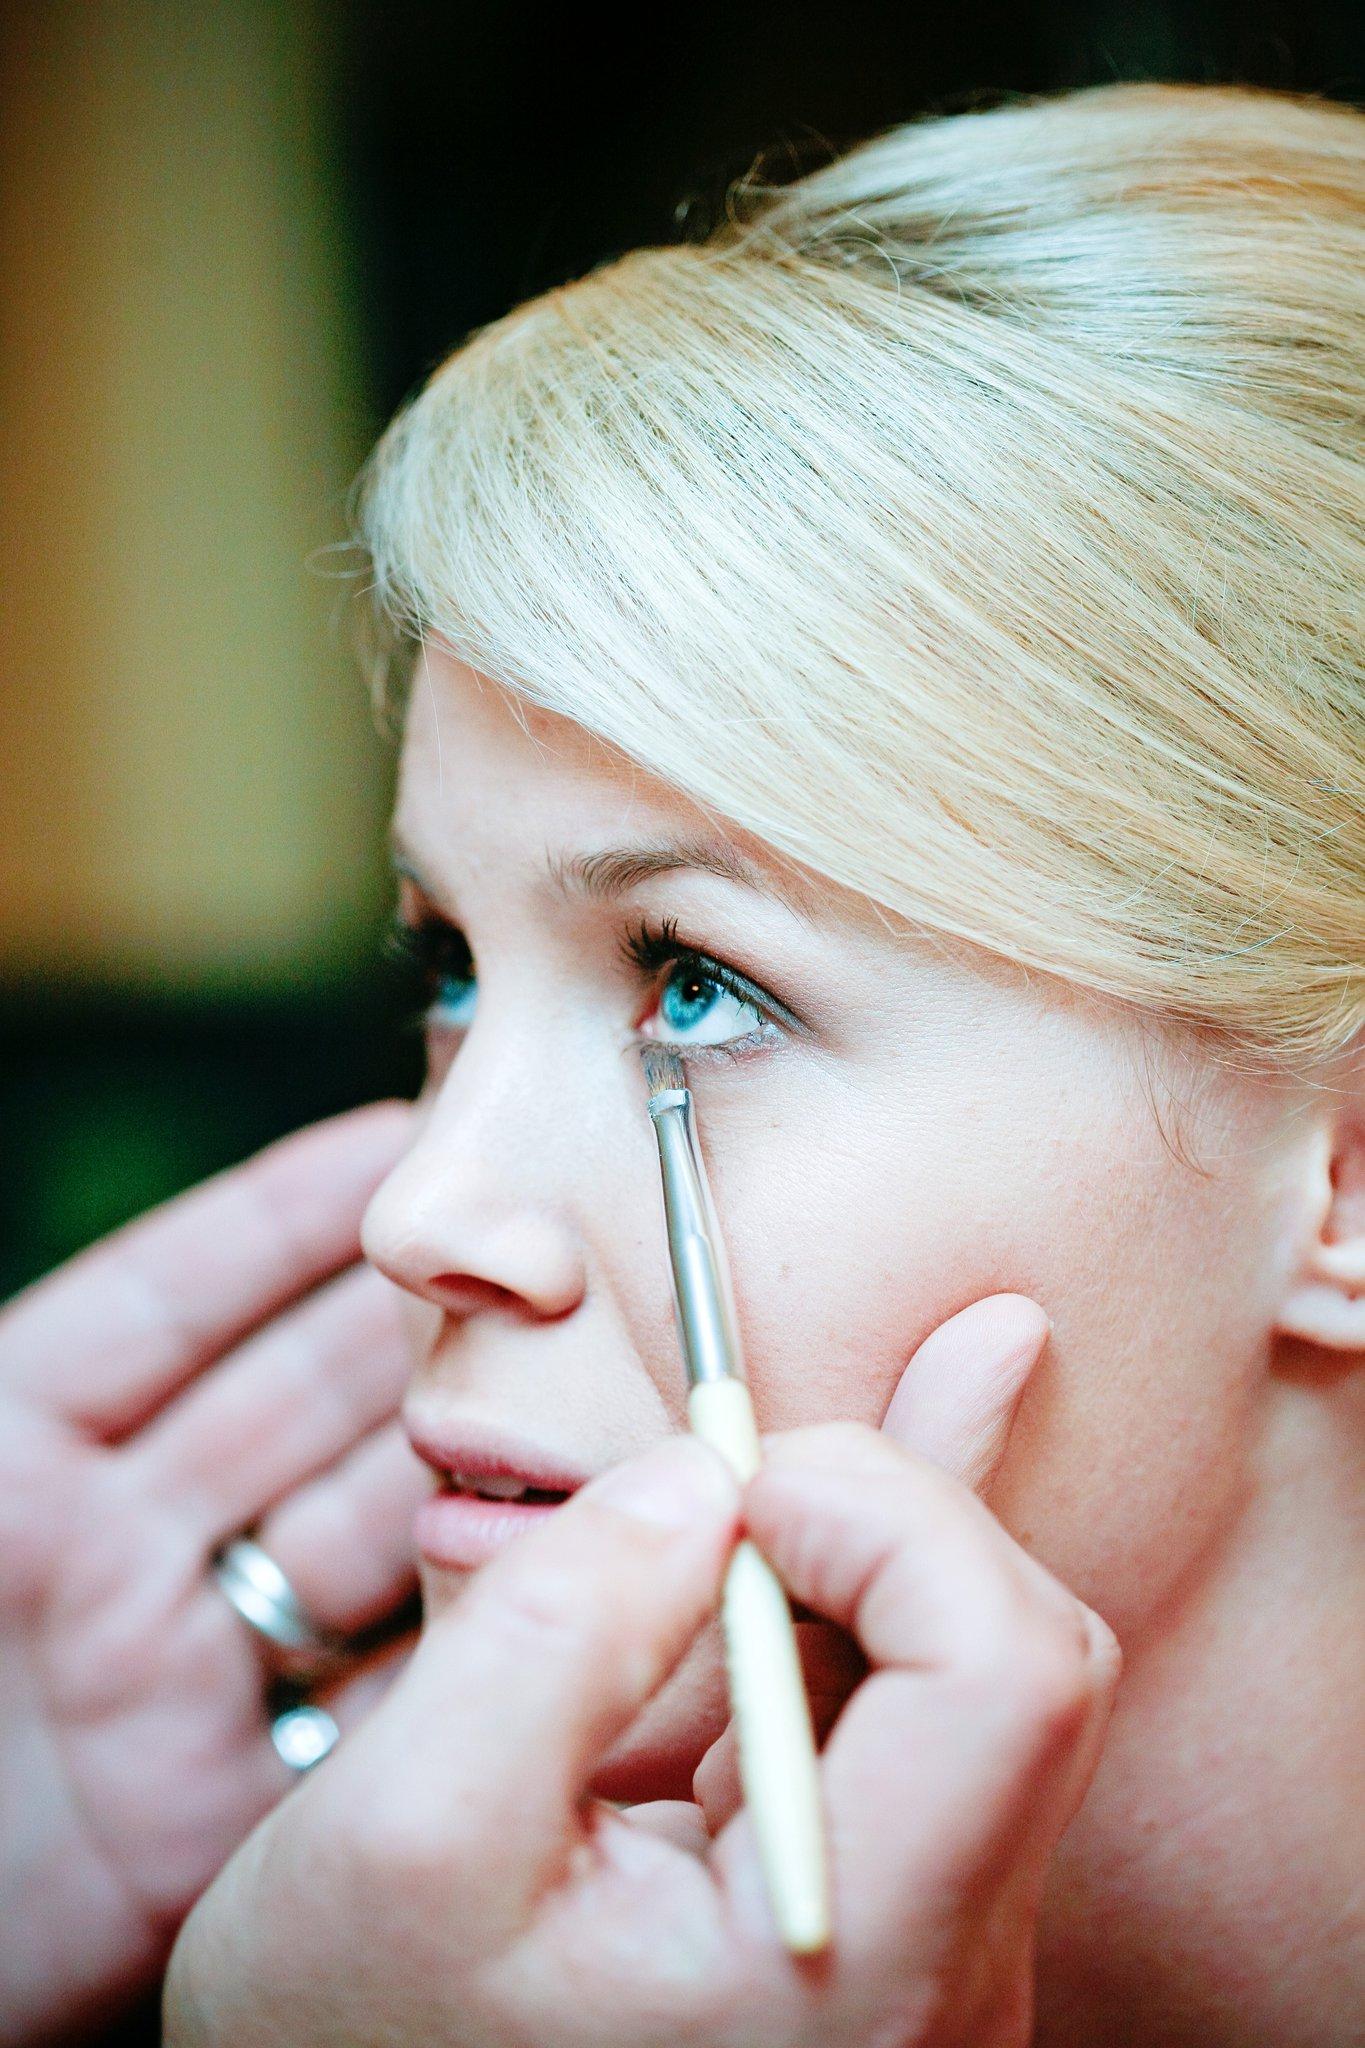 False eyelashes, Fake eyelashes, Eyelash Extensions